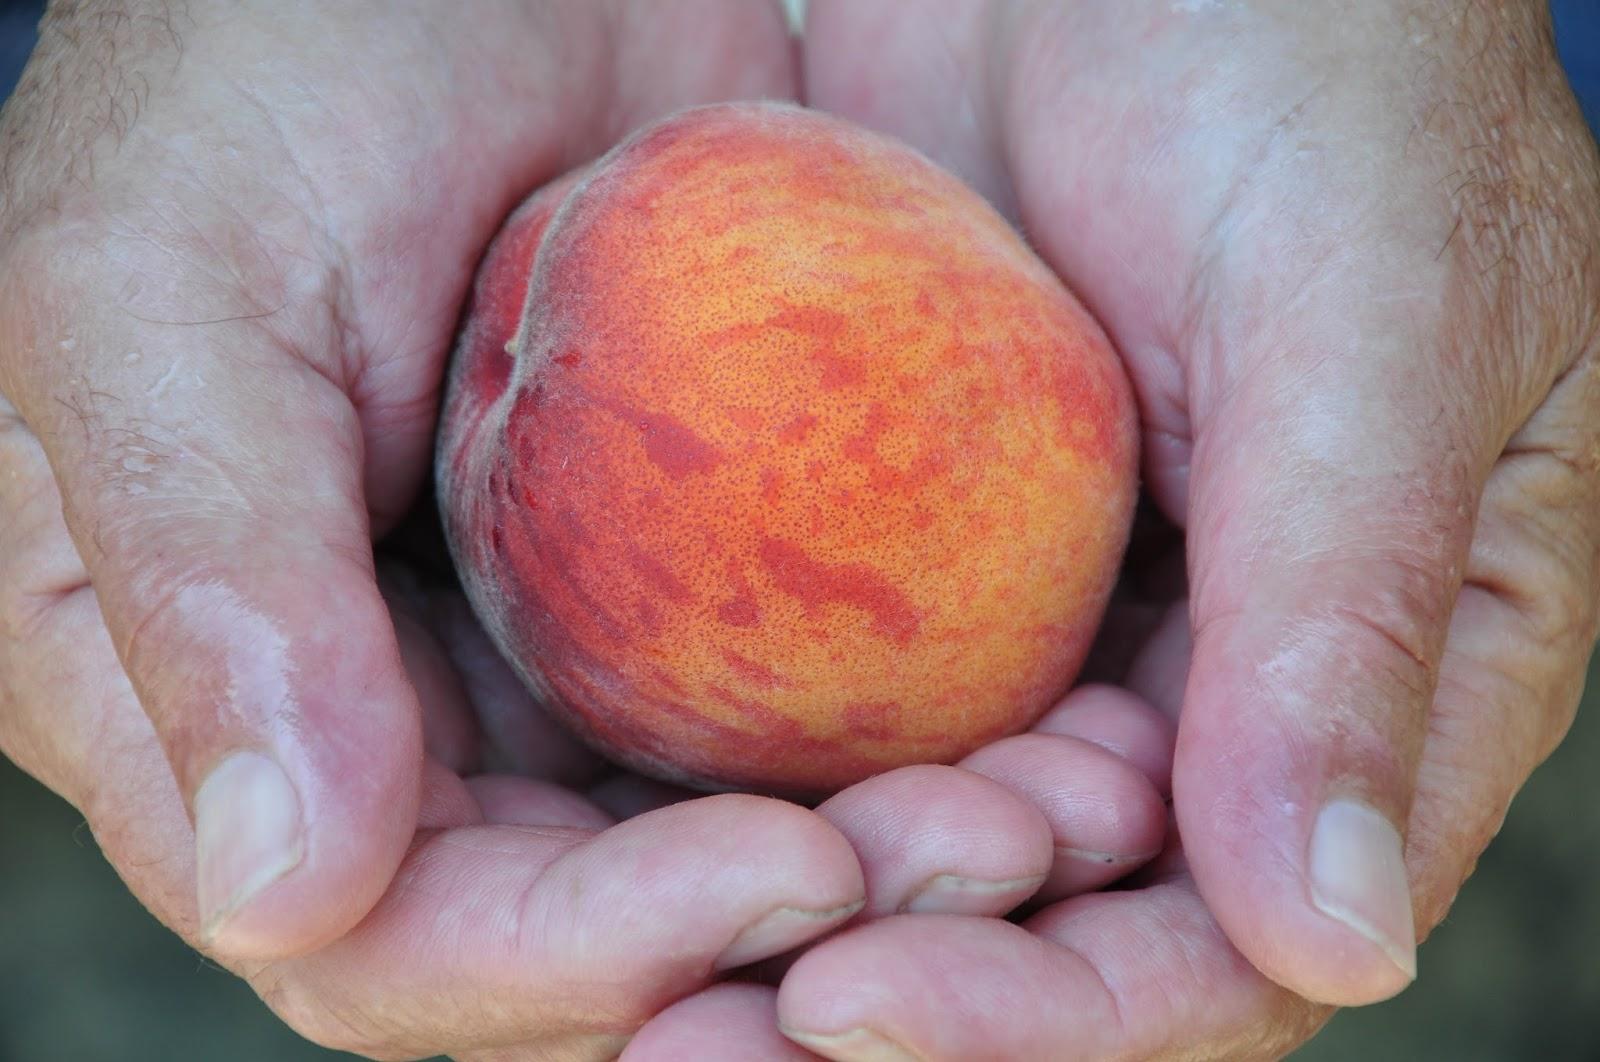 Holding a peach